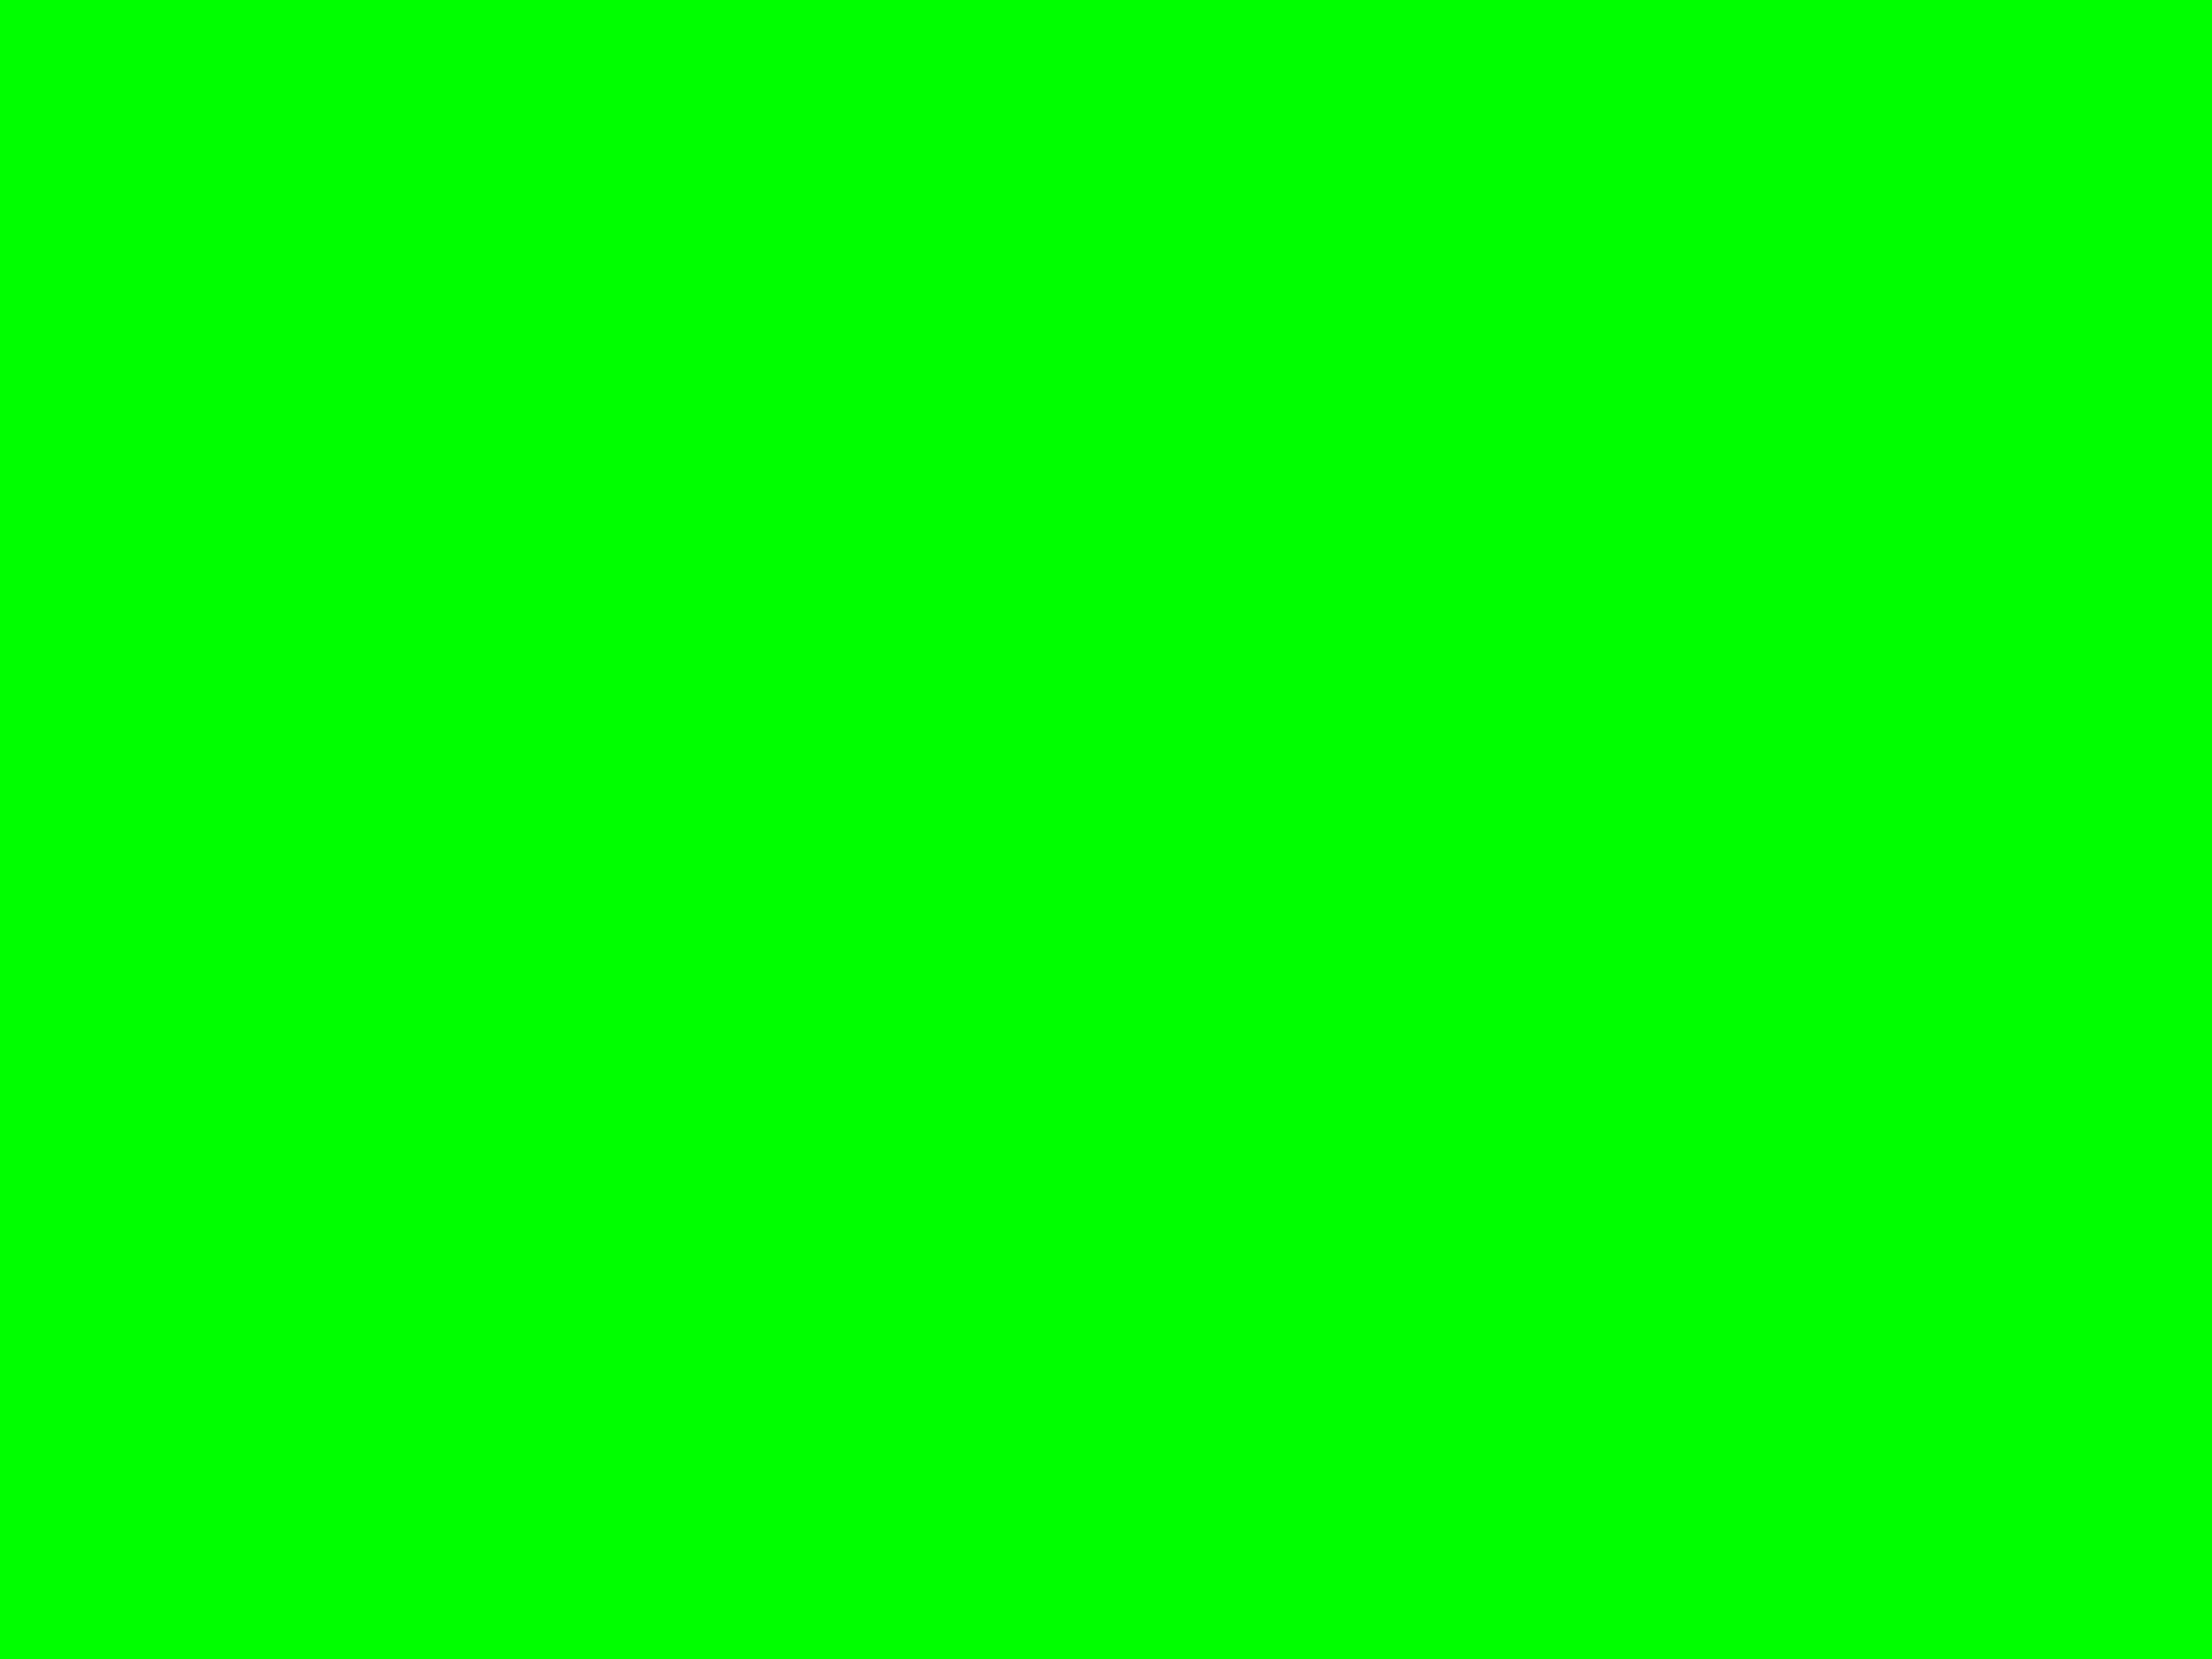 Grün (Farbe)